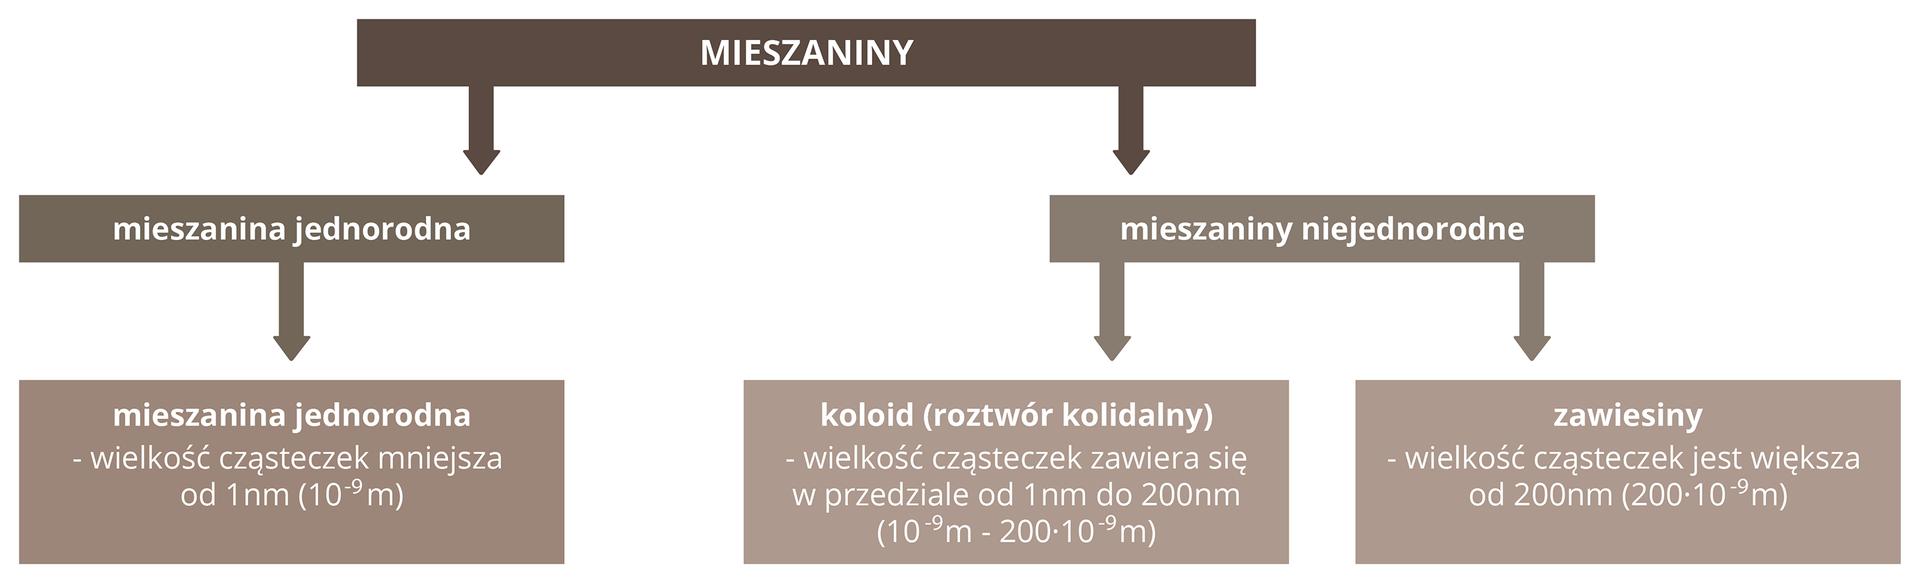 Schemat przedstawia podział mieszanin ze względu na wielkość cząstek substancji rozpuszczonej wcieczy. Ma postać tak zwanego odwróconego drzewa. Ugóry schematu znajduje się pojedyncze prostokątne ciemnobrązowe pole znapisem Mieszaniny. Odchodzą od niego dwie strzałki do położonych wśrodkowej linijce dwóch jbrązowych prostokątnych pól oznaczonych jako: Mieszanina jednorodna po lewej stronie planszy iMieszaniny niejednorodne po stronie prawej. Po stronie lewej od Mieszanin jednorodnych odchodzi strzałka wdół do jasnobrązowego prostokątnego pola ztekstem: mieszanina jednorodna, wielkość cząsteczek mniejsza od jednego nanometra. Po stronie prawej od Mieszanin niejednorodnych odchodzą dwie strzałki wdół do dwóch jasnobrązowych prostokątnych pól. Pole środkowe opisane jest tekstem: koloid, czyli roztwór koloidalny. Wielkość cząsteczek zawiera się wprzedziale od jednego do dwustu nanometrów. Pole po stronie prawej opisane jest tekstem: zawiesiny, wielkość cząsteczek jest większa od dwustu nanometrów.